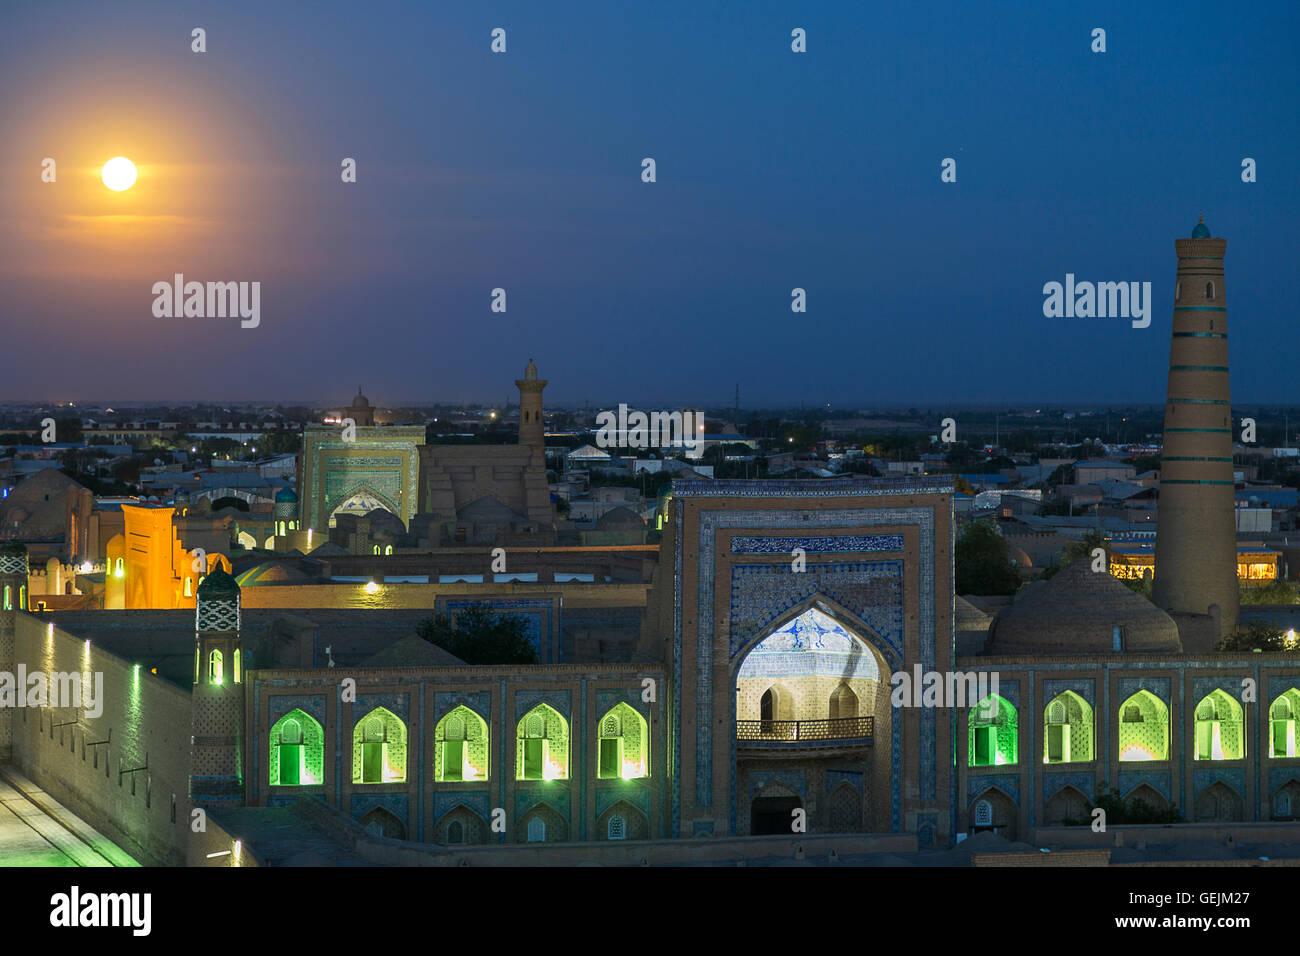 Full moon rising over the city of Khiva in Uzbekistan. - Stock Image